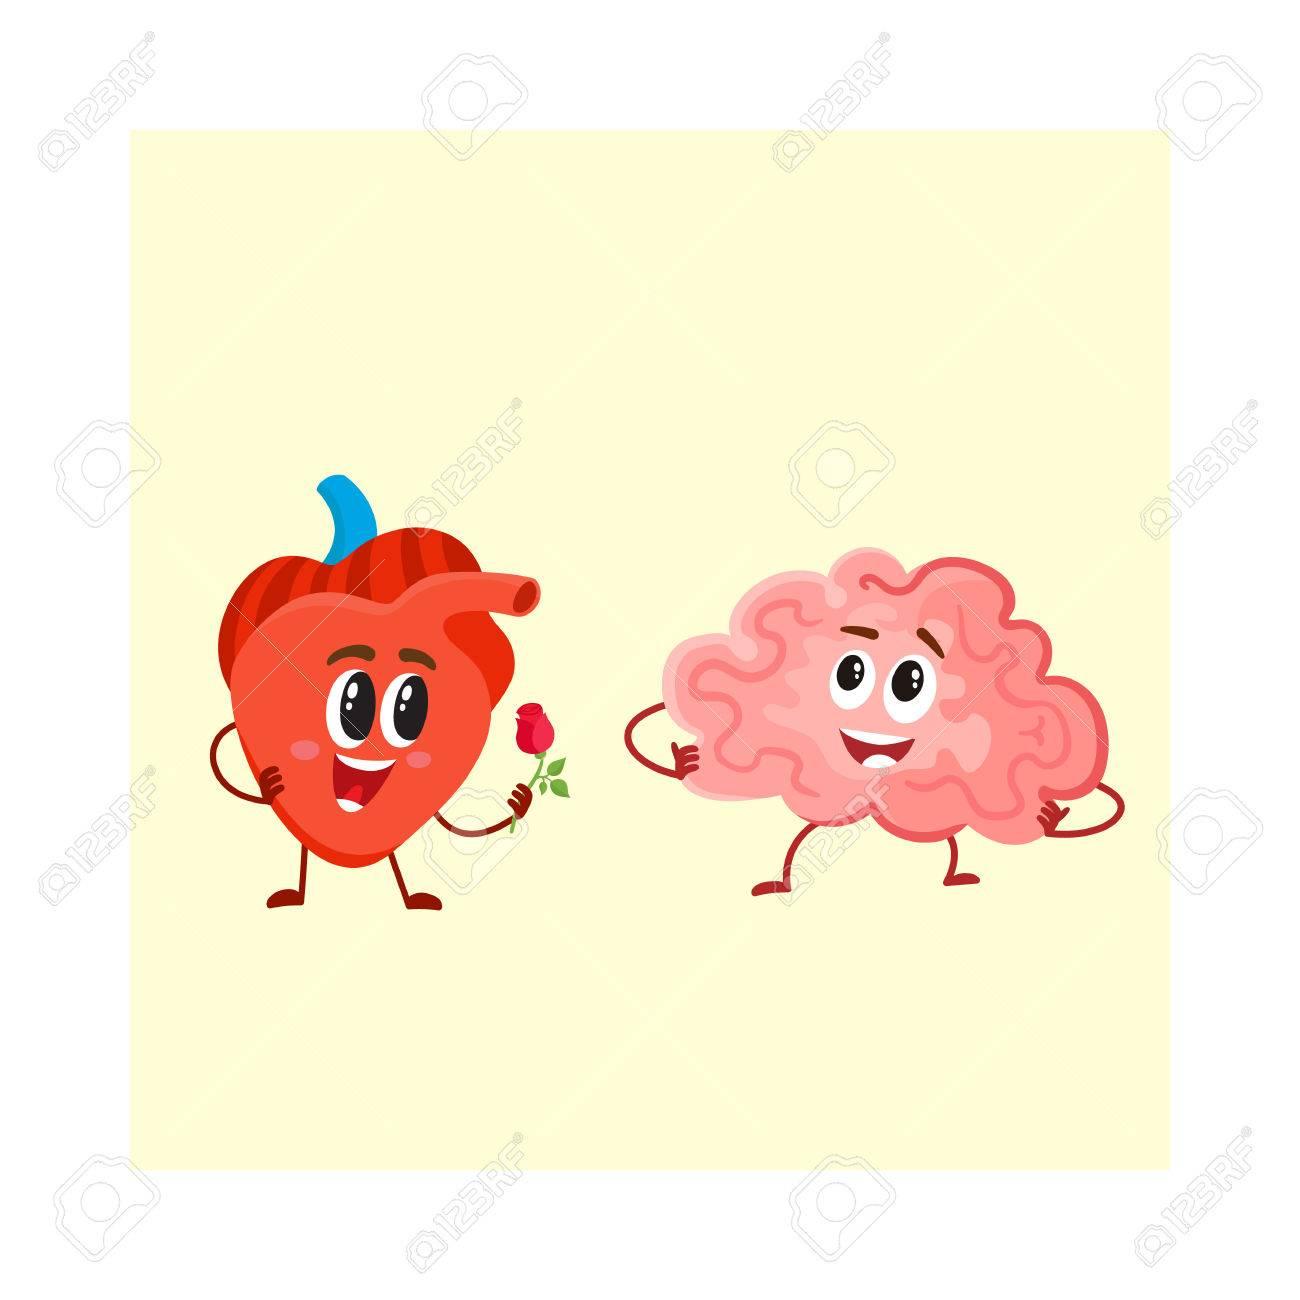 Nette Und Lustige Menschliche Herz- Und Gehirncharaktere, Logik ...